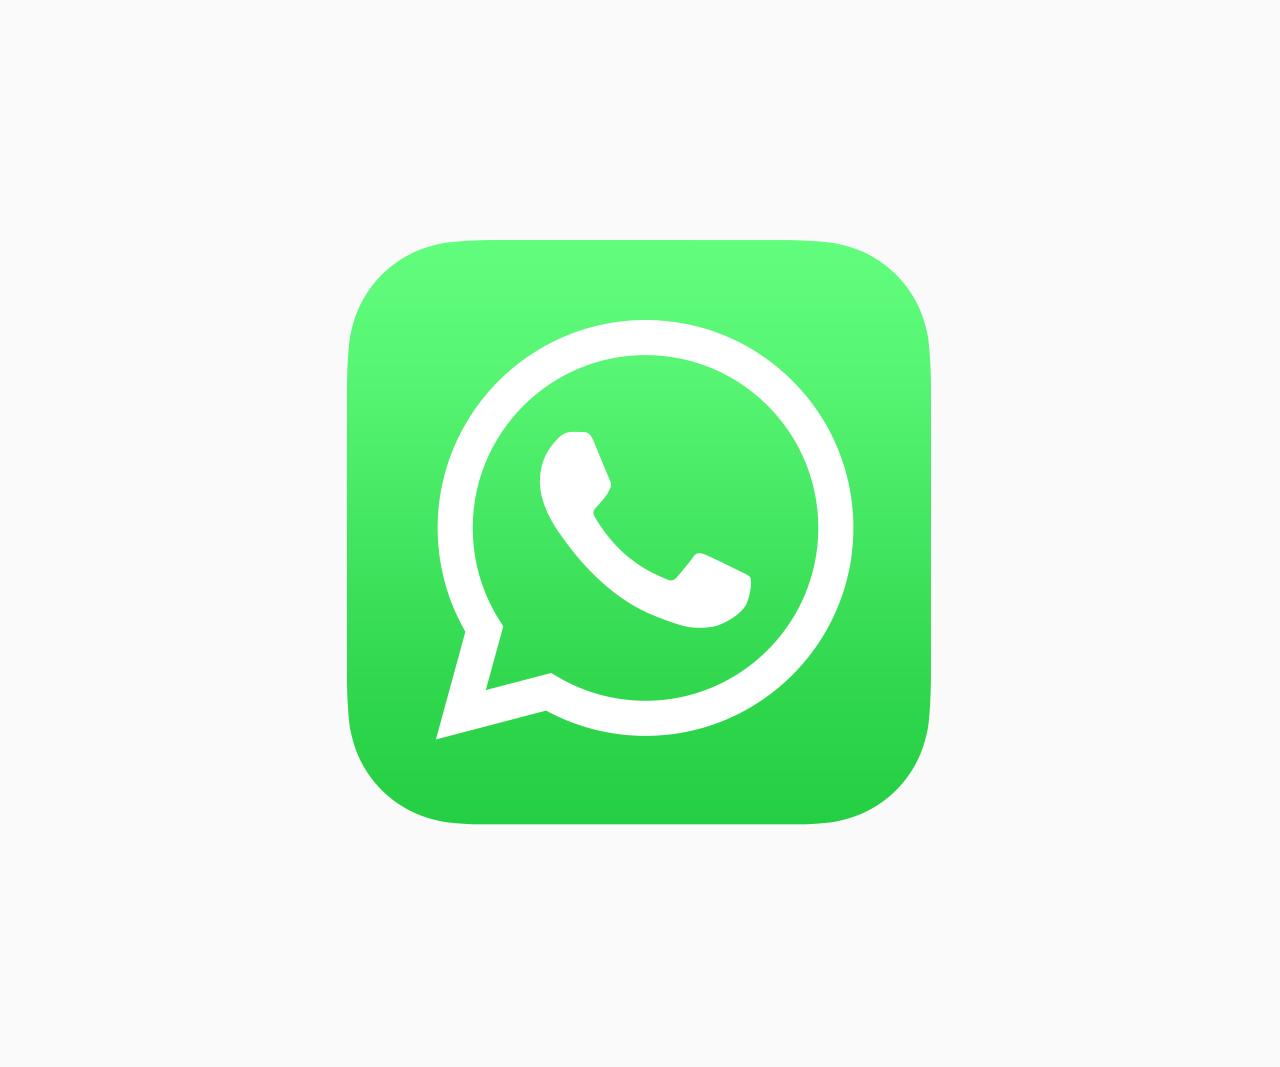 whatsapp için tıklayınız